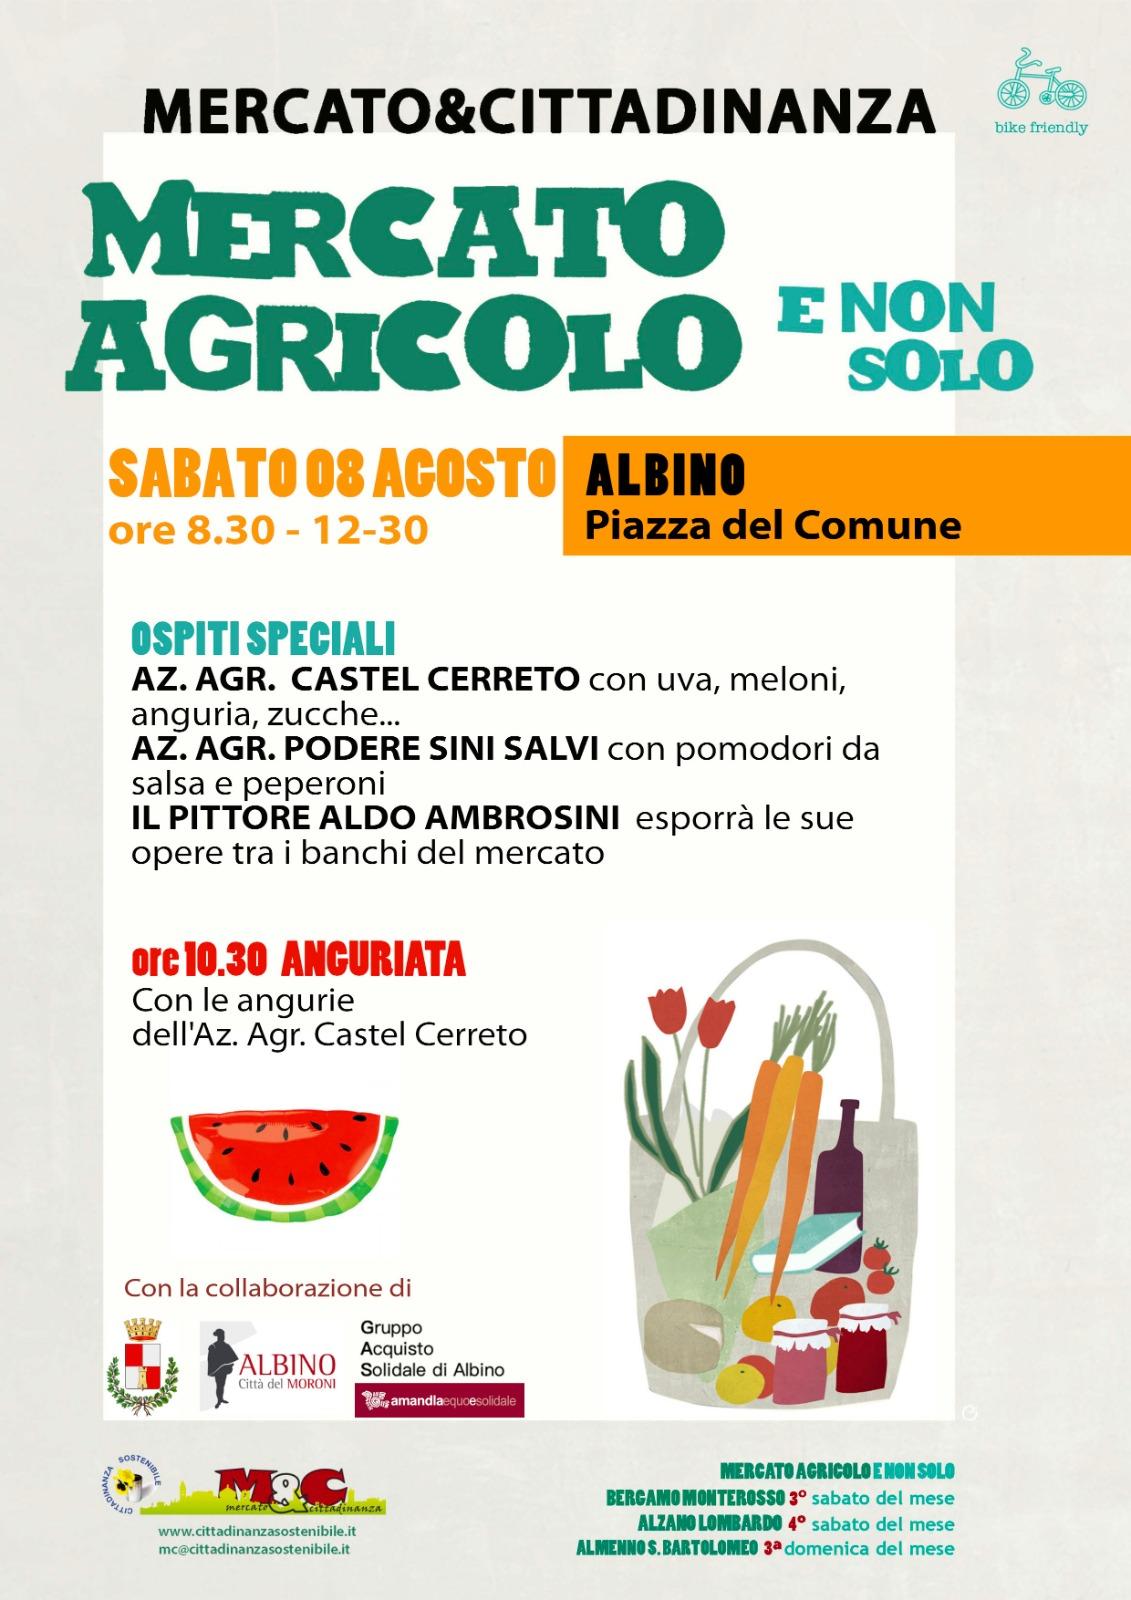 Albino 8 agosto 2020 - Mercato Agricolo e Non Solo